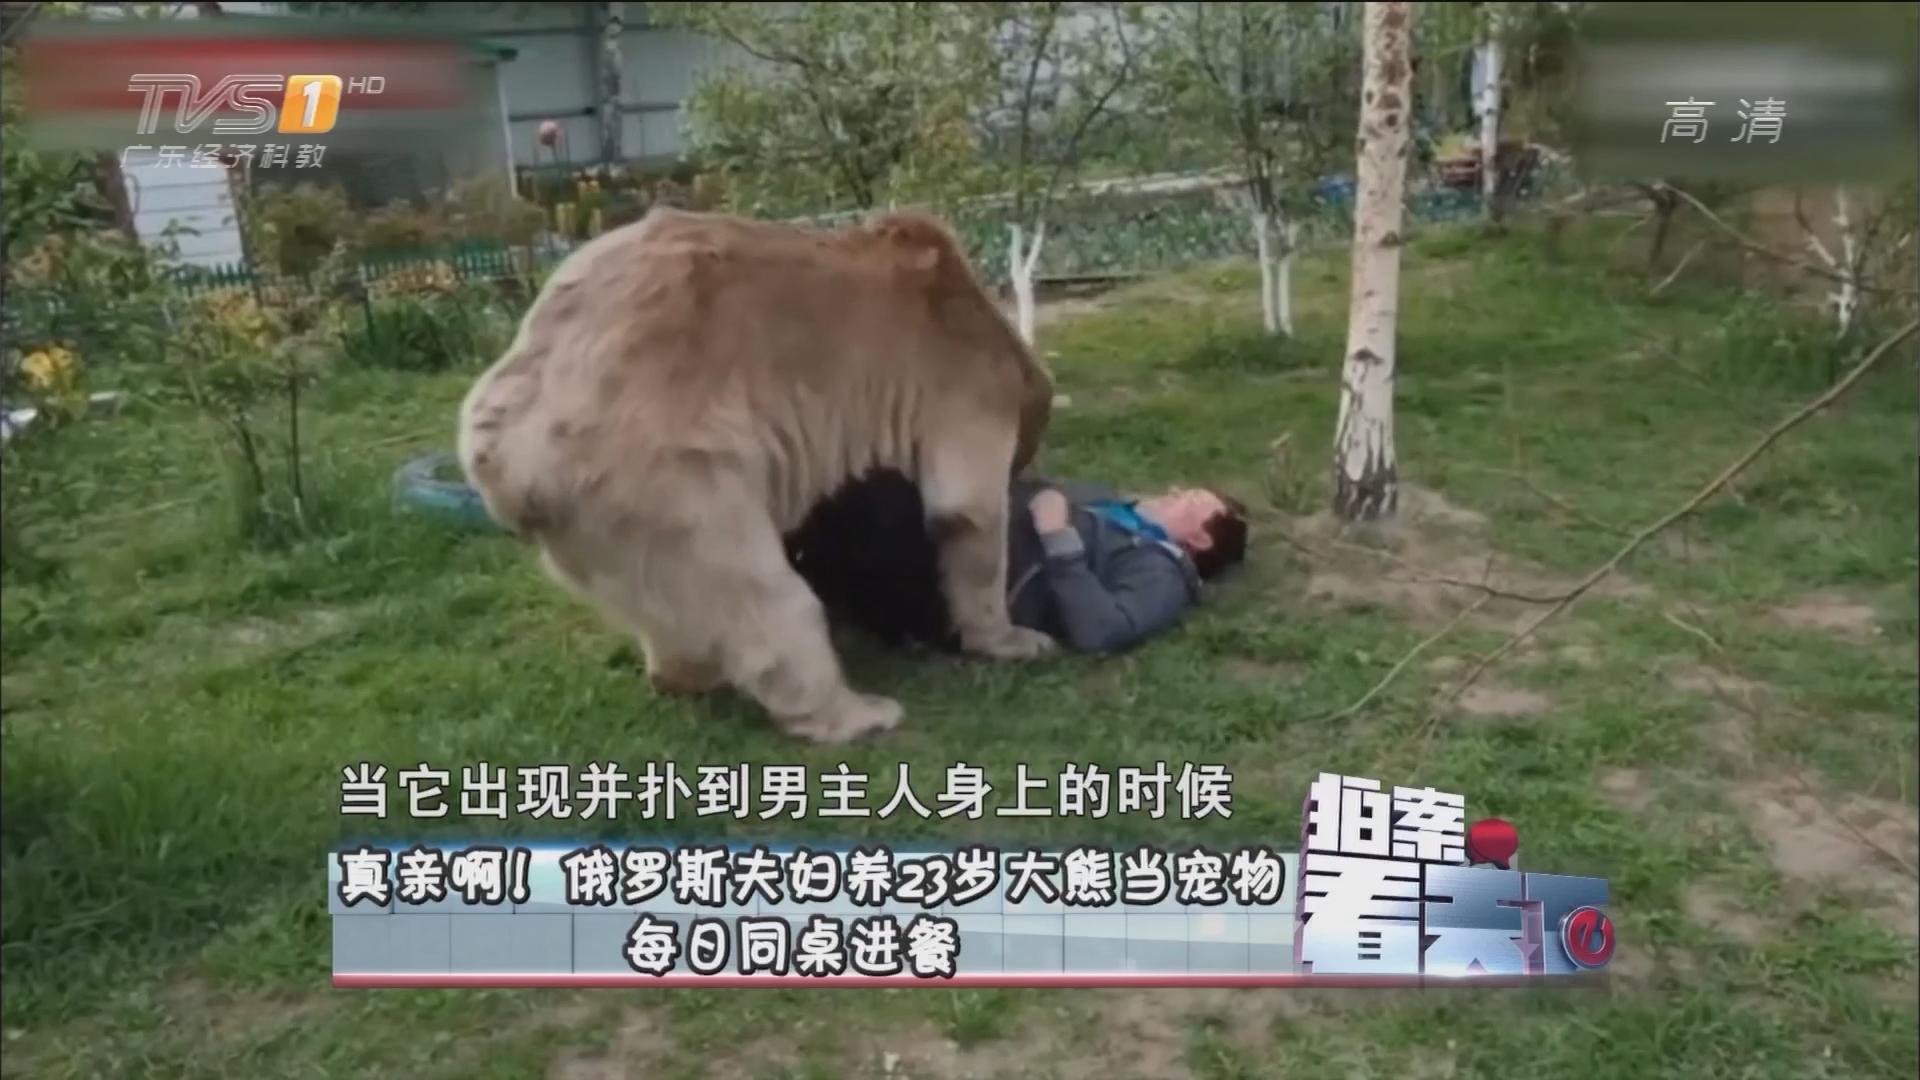 真亲啊!俄罗斯夫妇 23岁大熊当宠物 每日同桌进餐